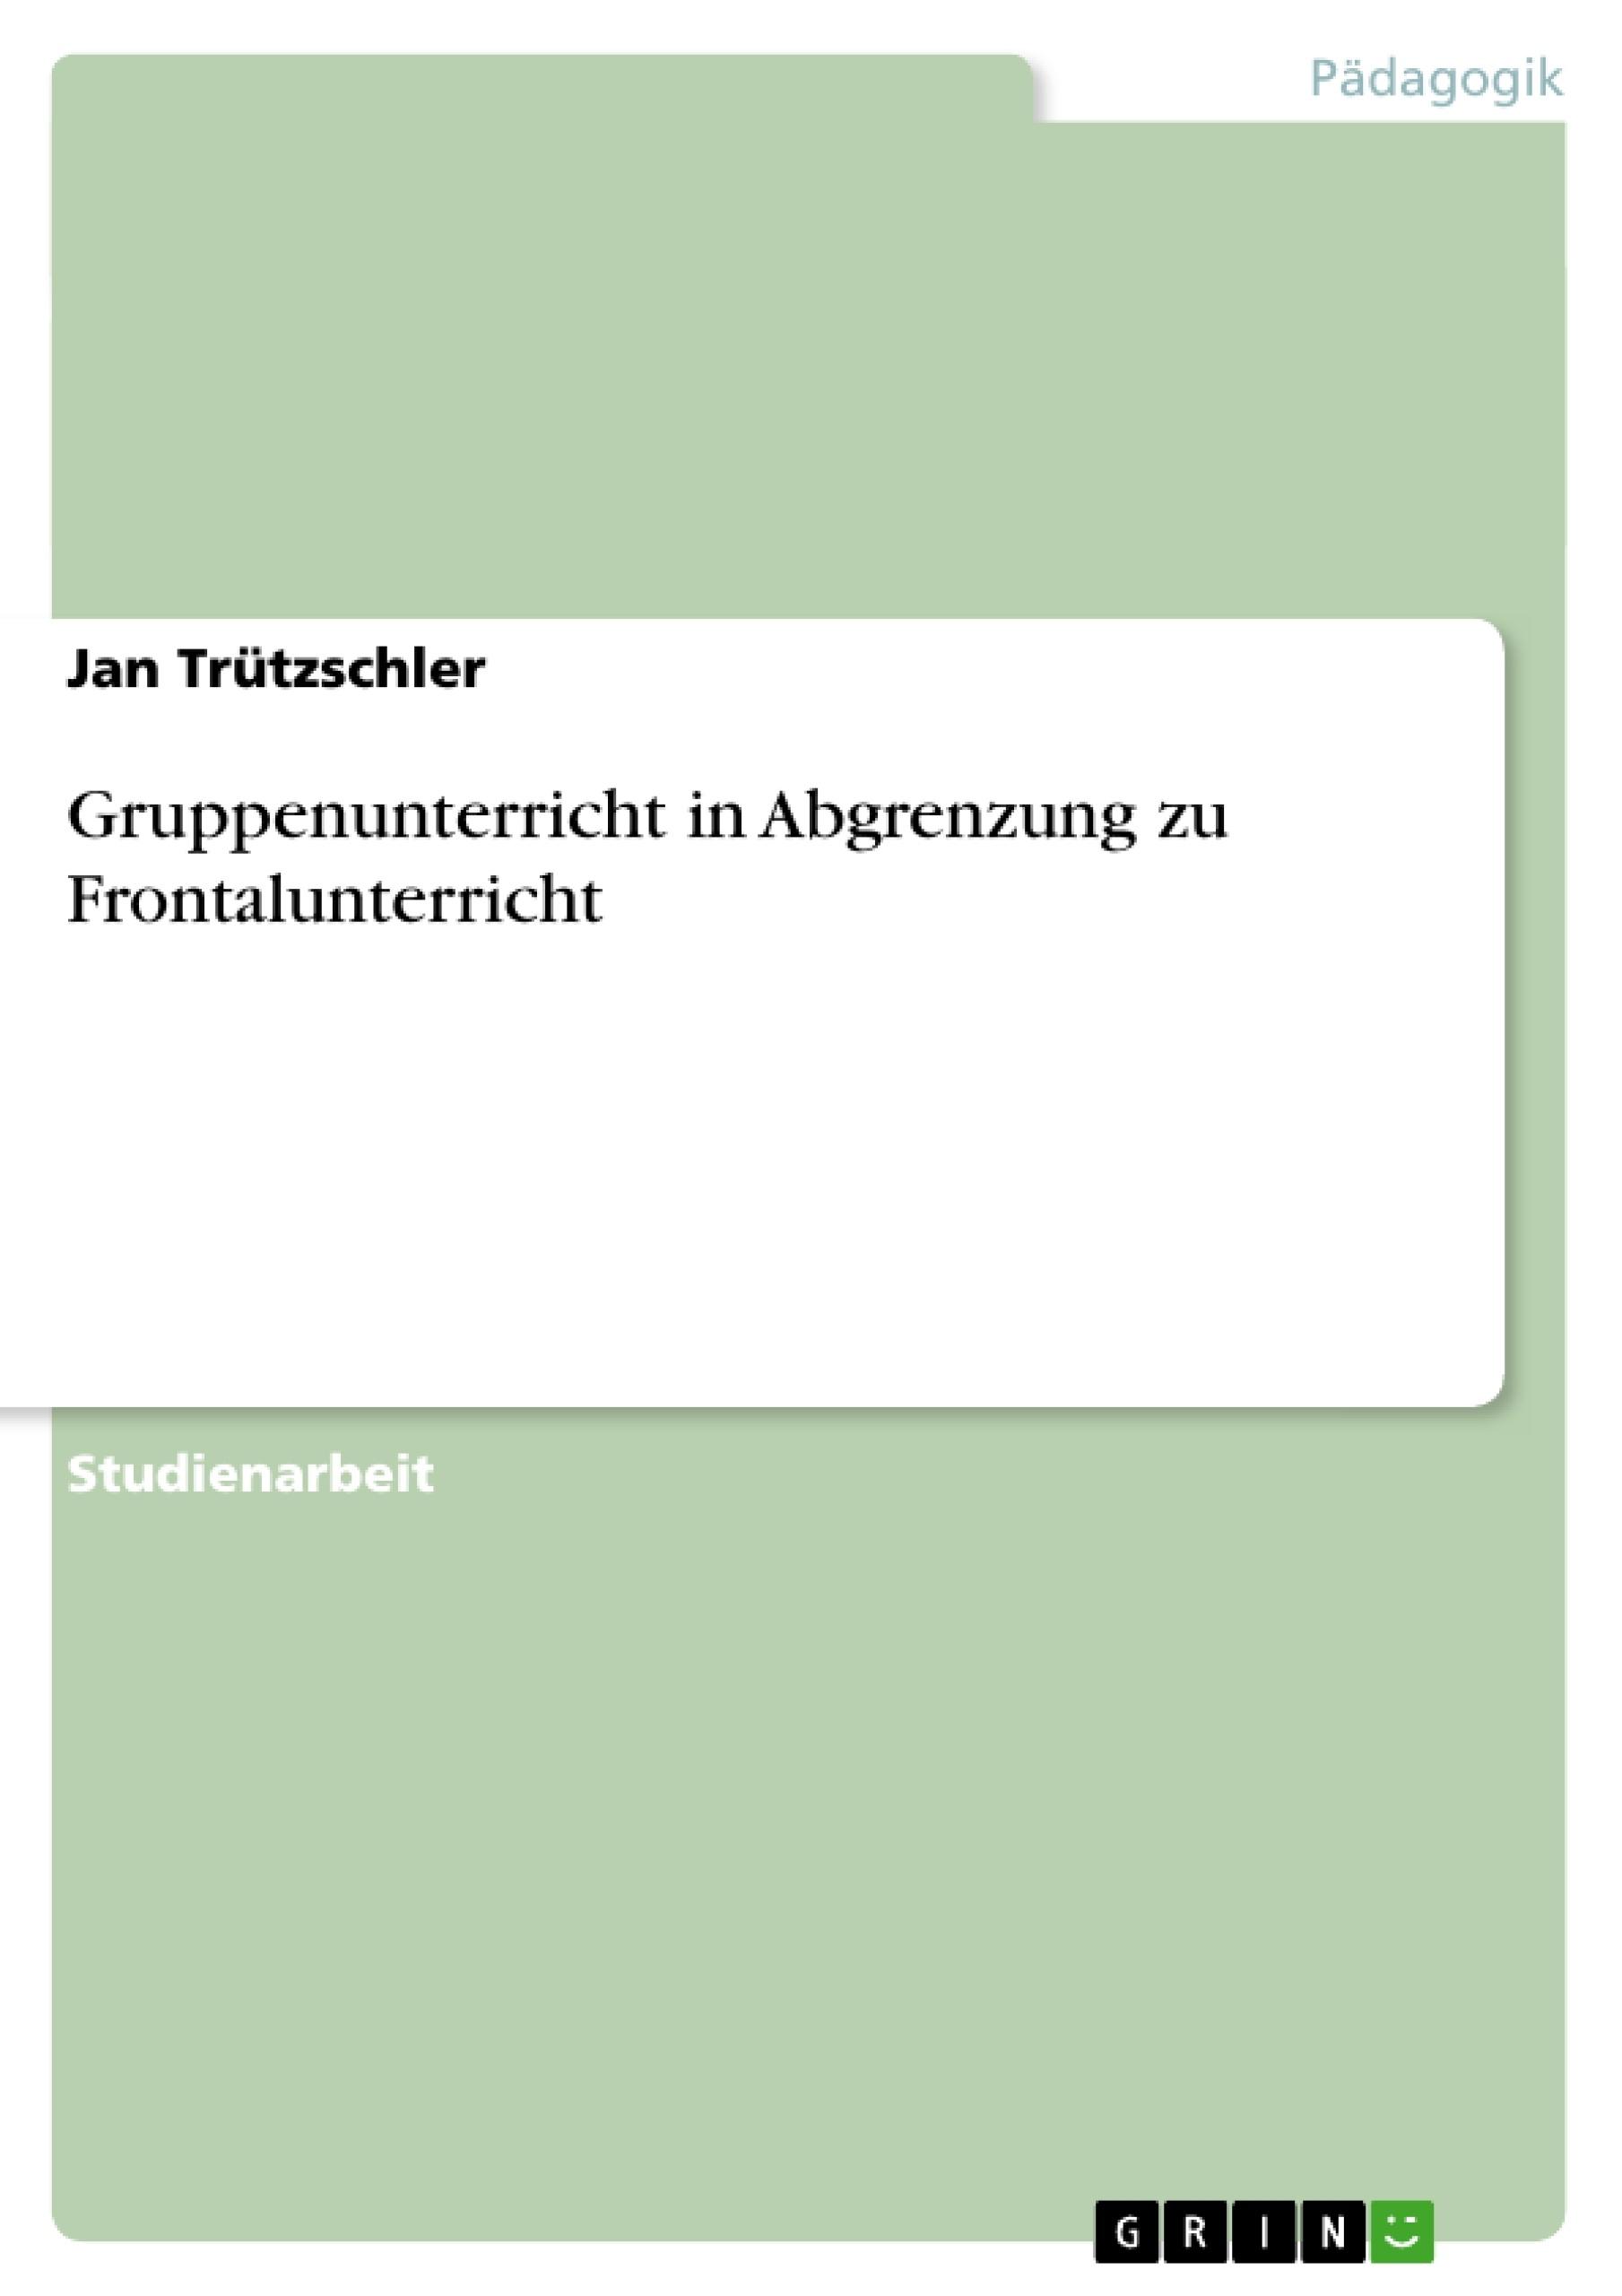 Titel: Gruppenunterricht in Abgrenzung zu Frontalunterricht